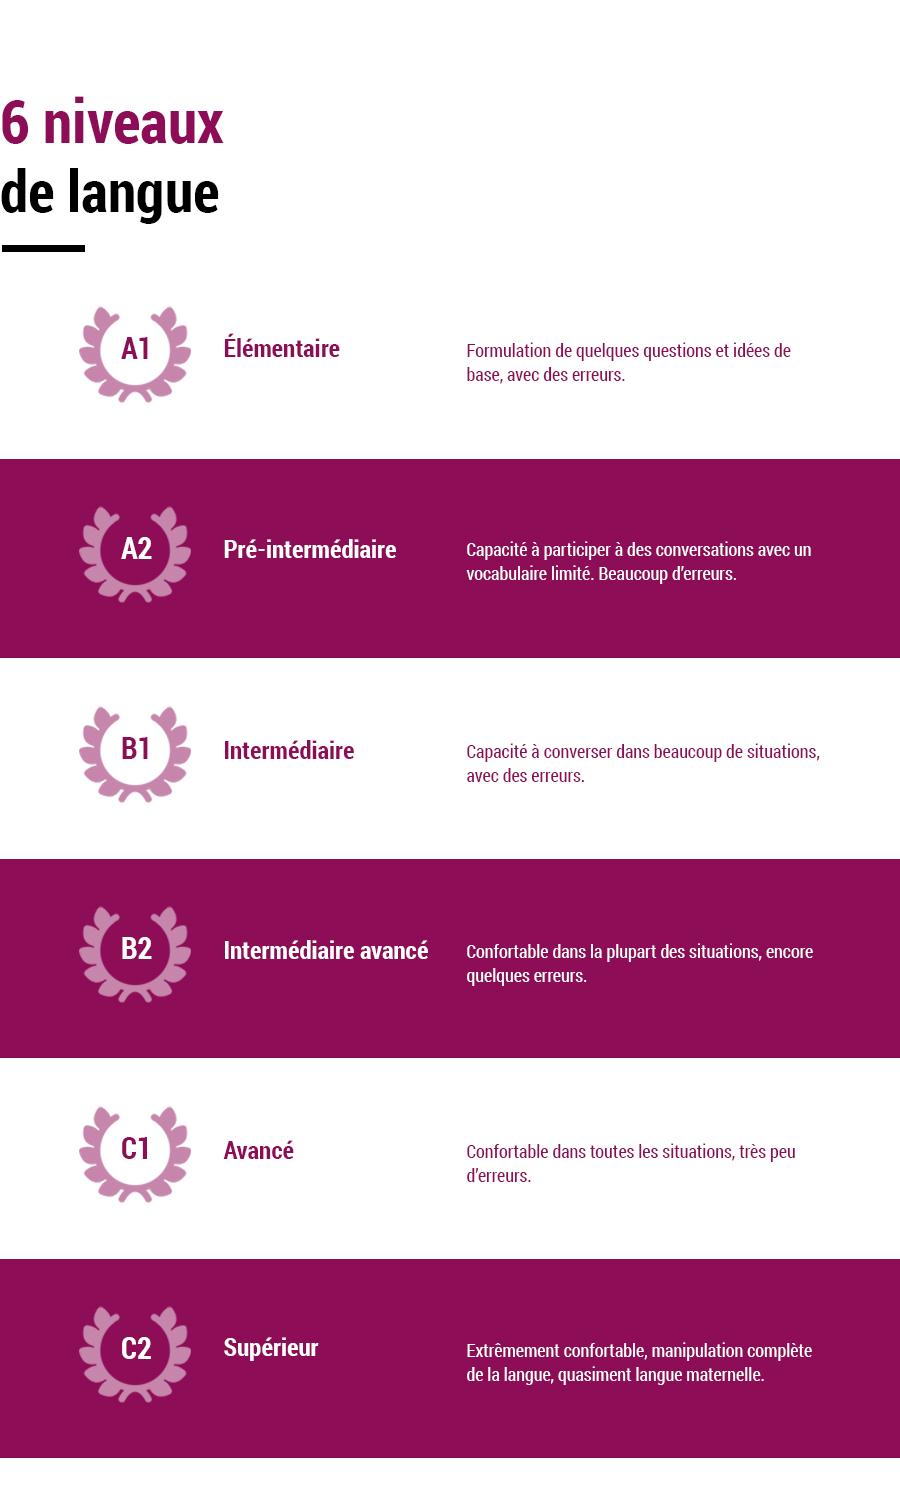 6 niveaux de langue évalués par le CECRL